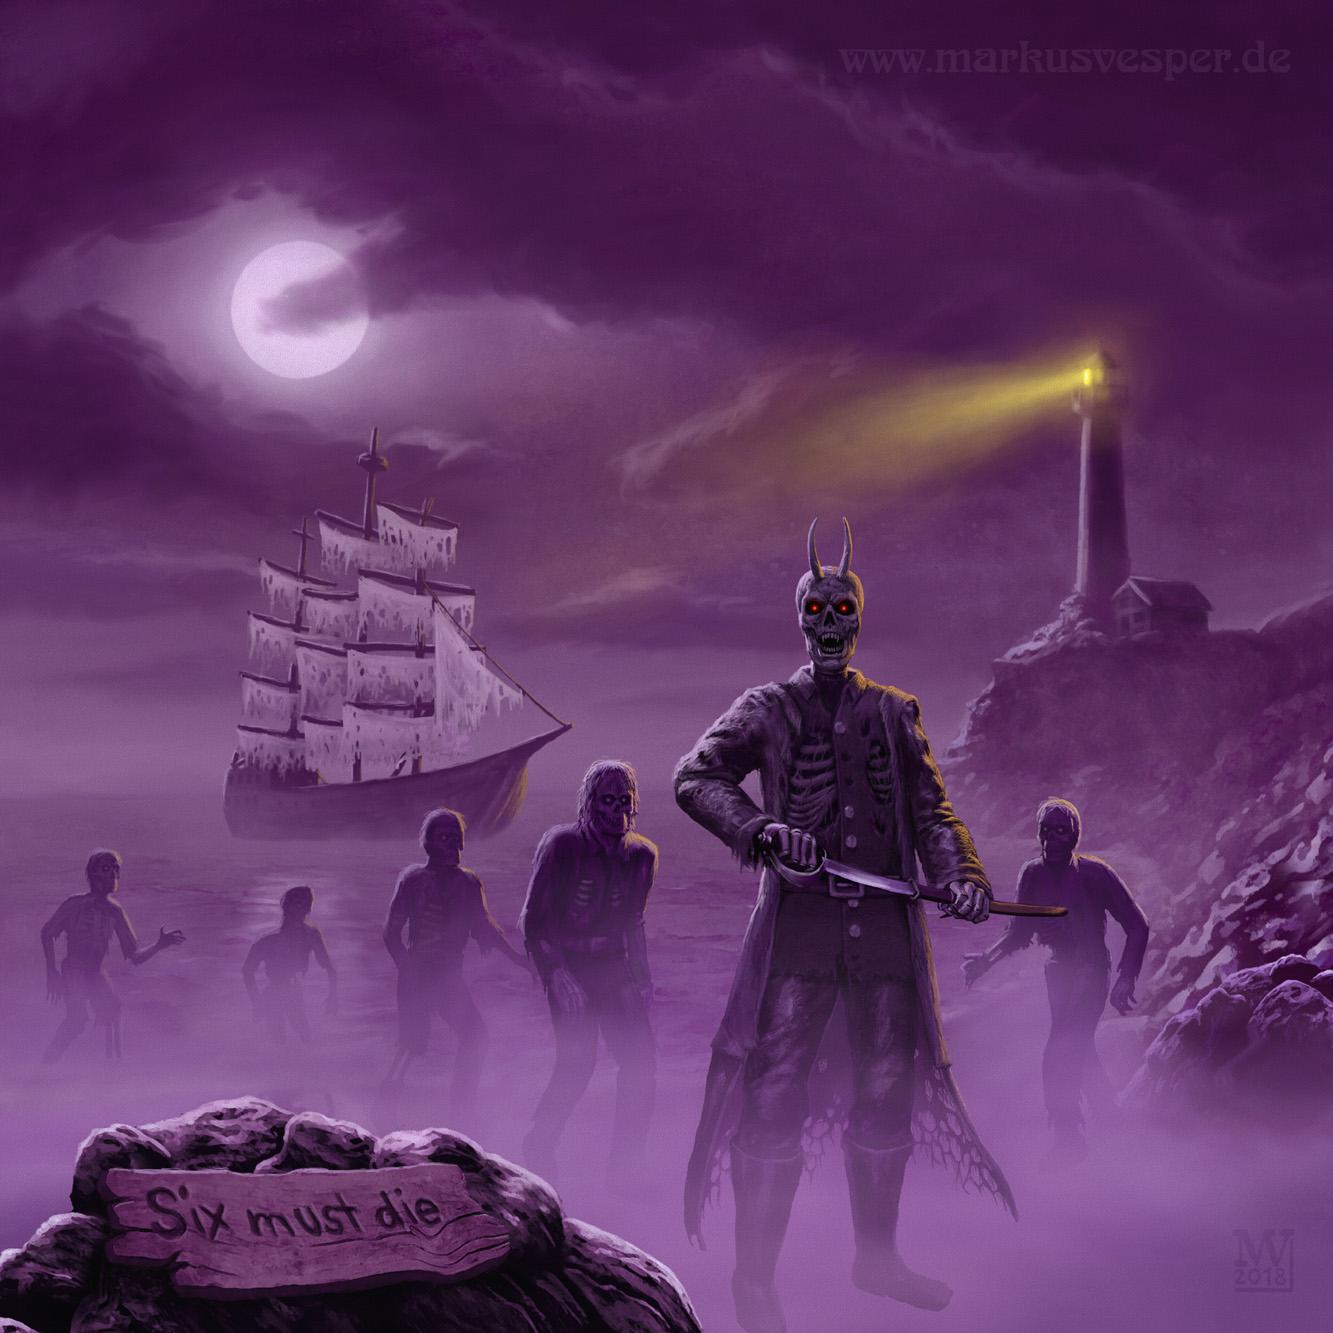 Lord Vigo - Six Must Die by Acrylicdreams